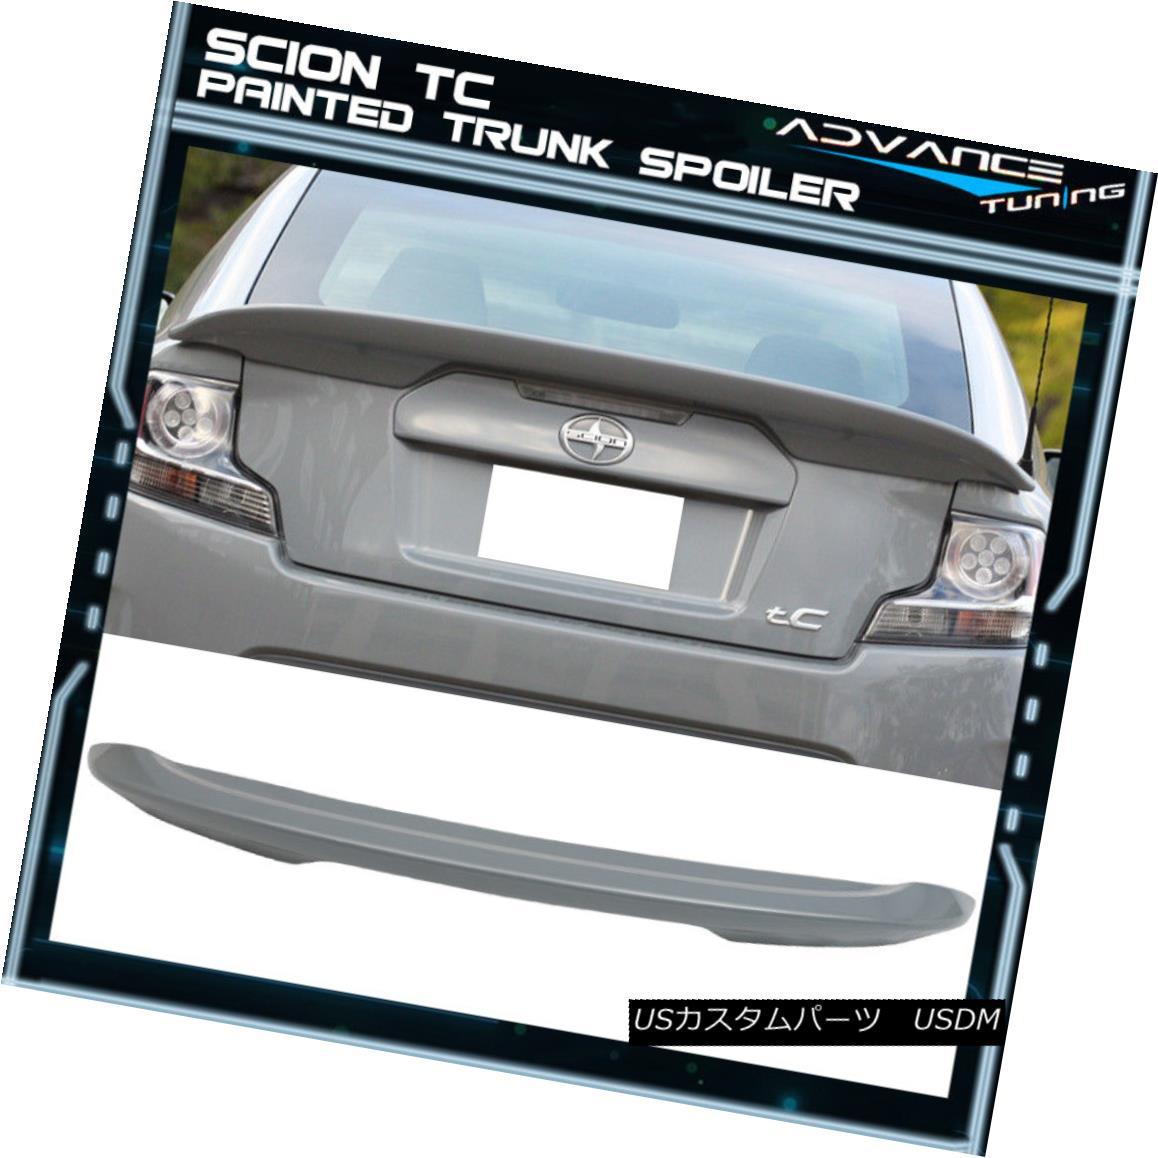 エアロパーツ 11-15 Scion TC ABS Trunk Spoiler OEM Painted Color Cement Gray Metallic #1H5 11-15サイオンTC ABSトランクスポイラーOEM塗装カラーセメントグレーメタリック#1H5